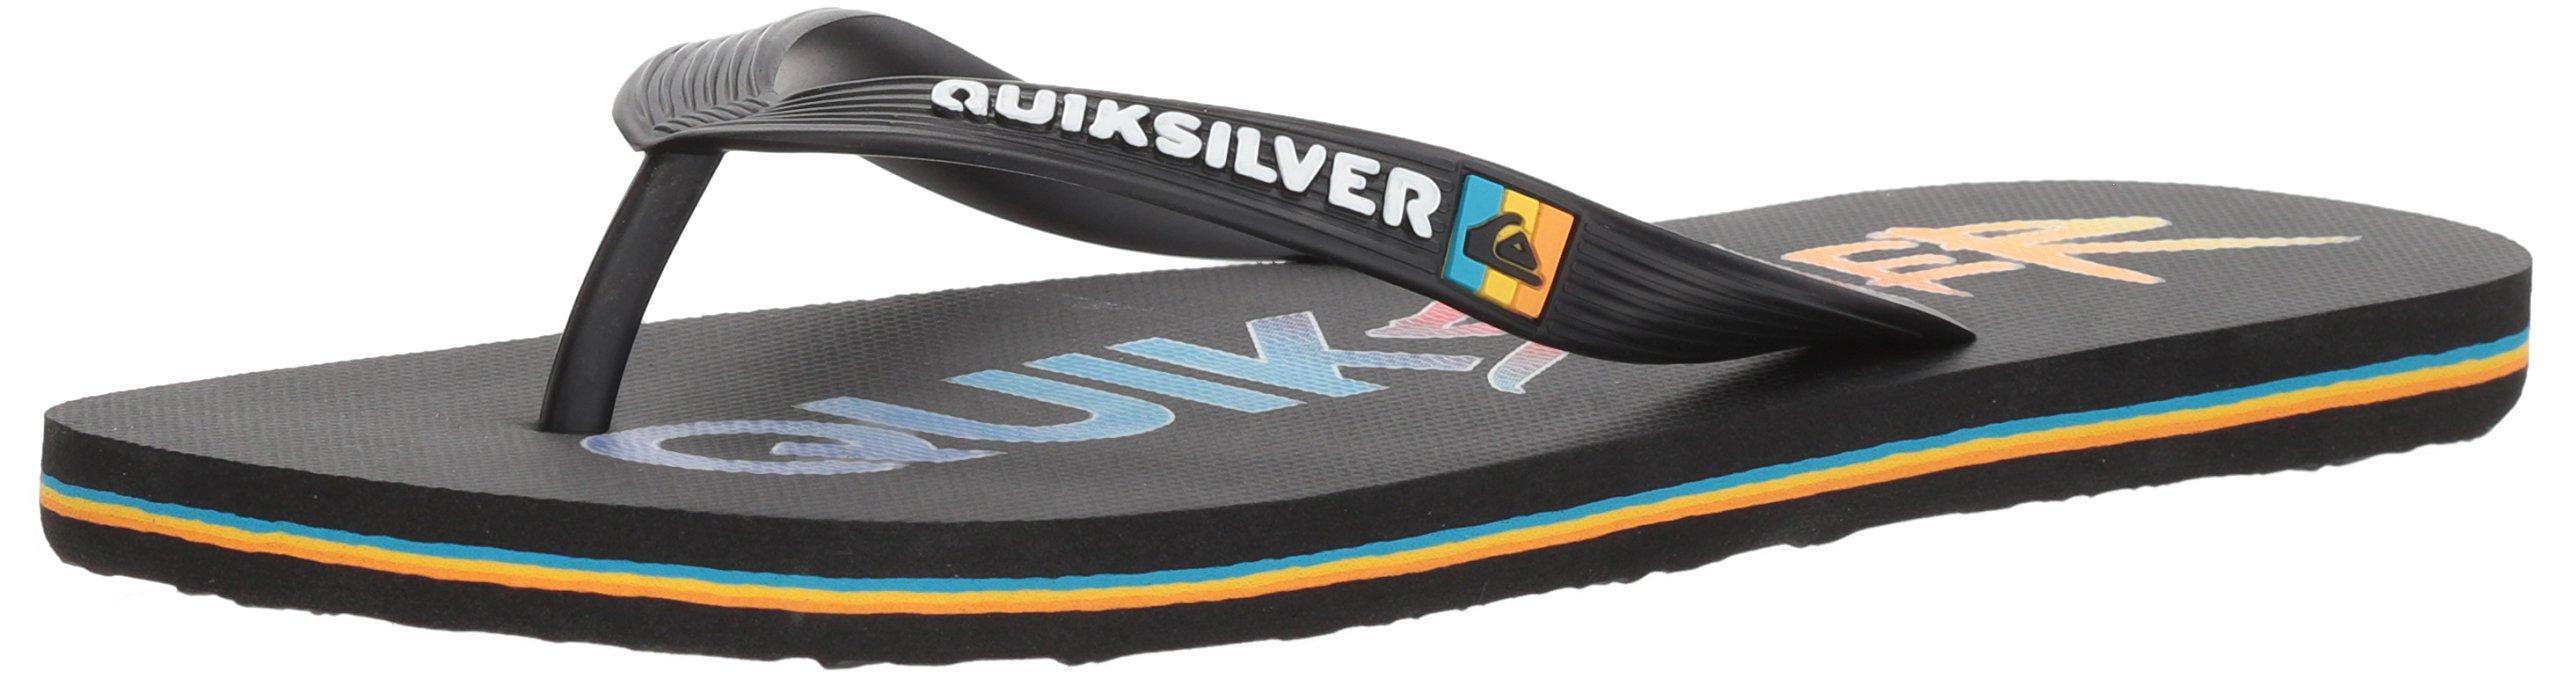 Quiksilver Men's Molokai Wordmark Sandal, Black/Red/Blue, 8 M US